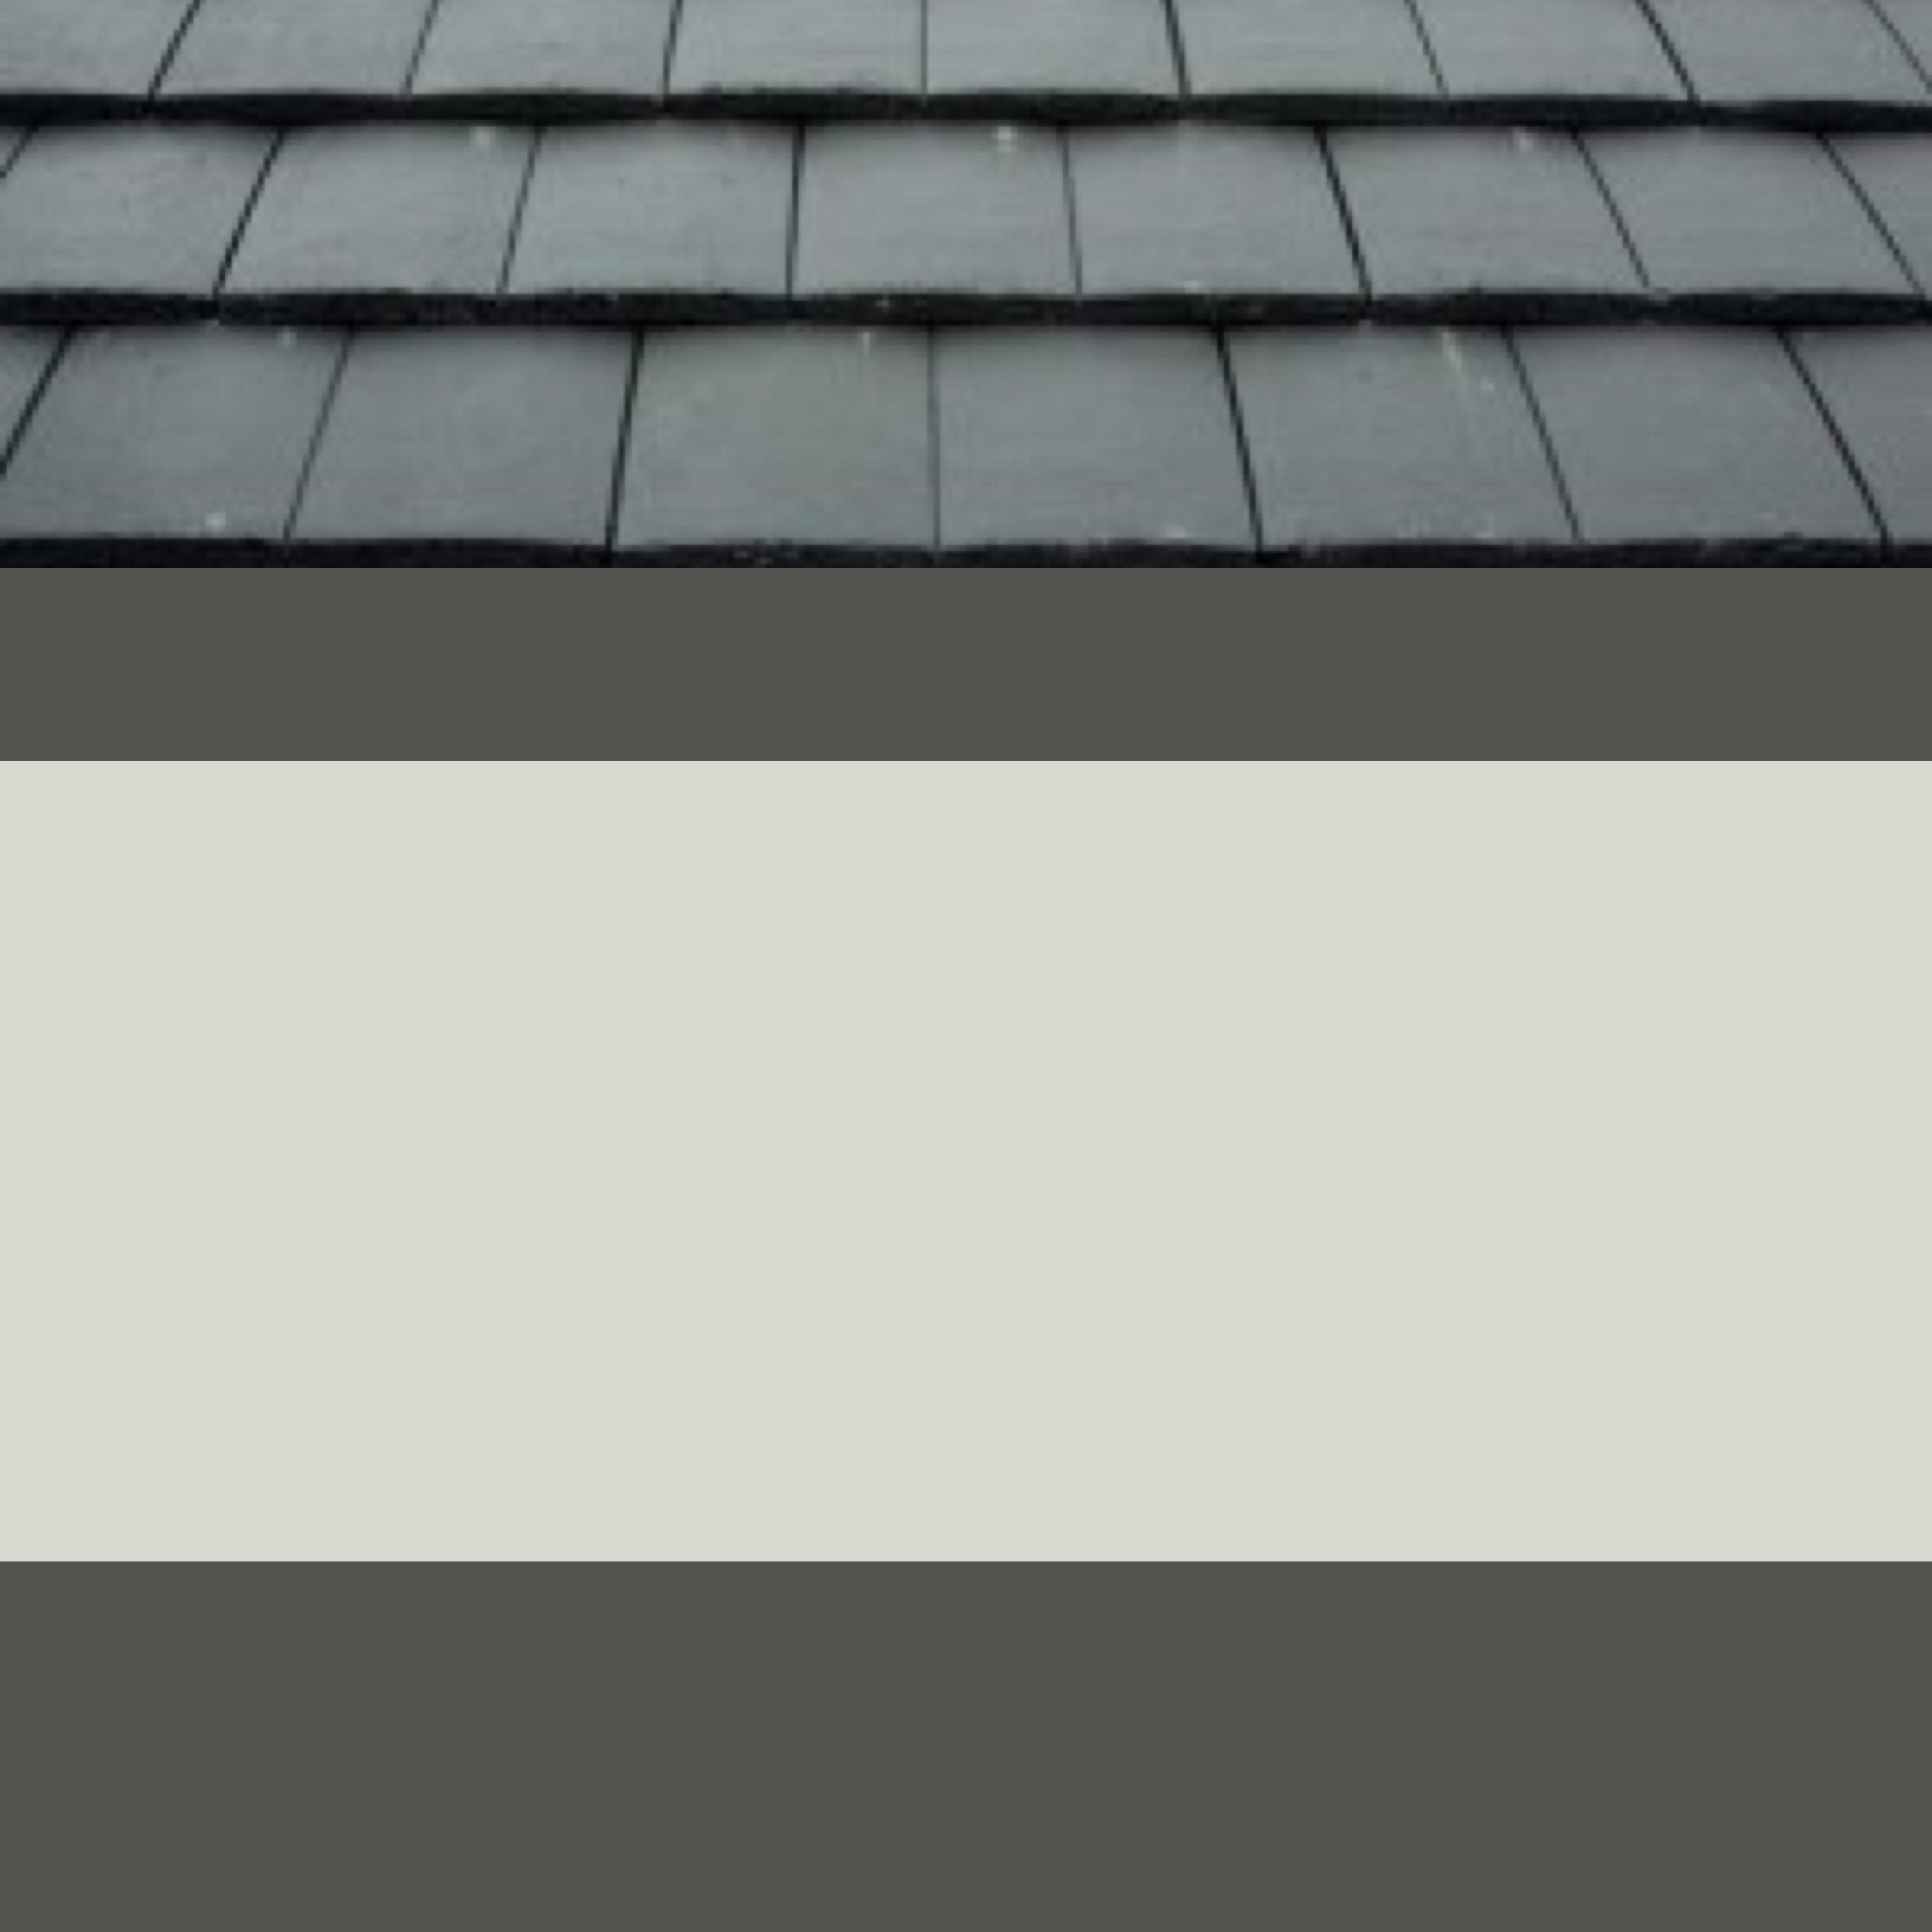 Slate Roof Tiles Woodland Grey Trim And Mouldings Surfmist Render Woodland Grey Porch Tile Trim Roofing Slate Roof Tiles Porch Tile